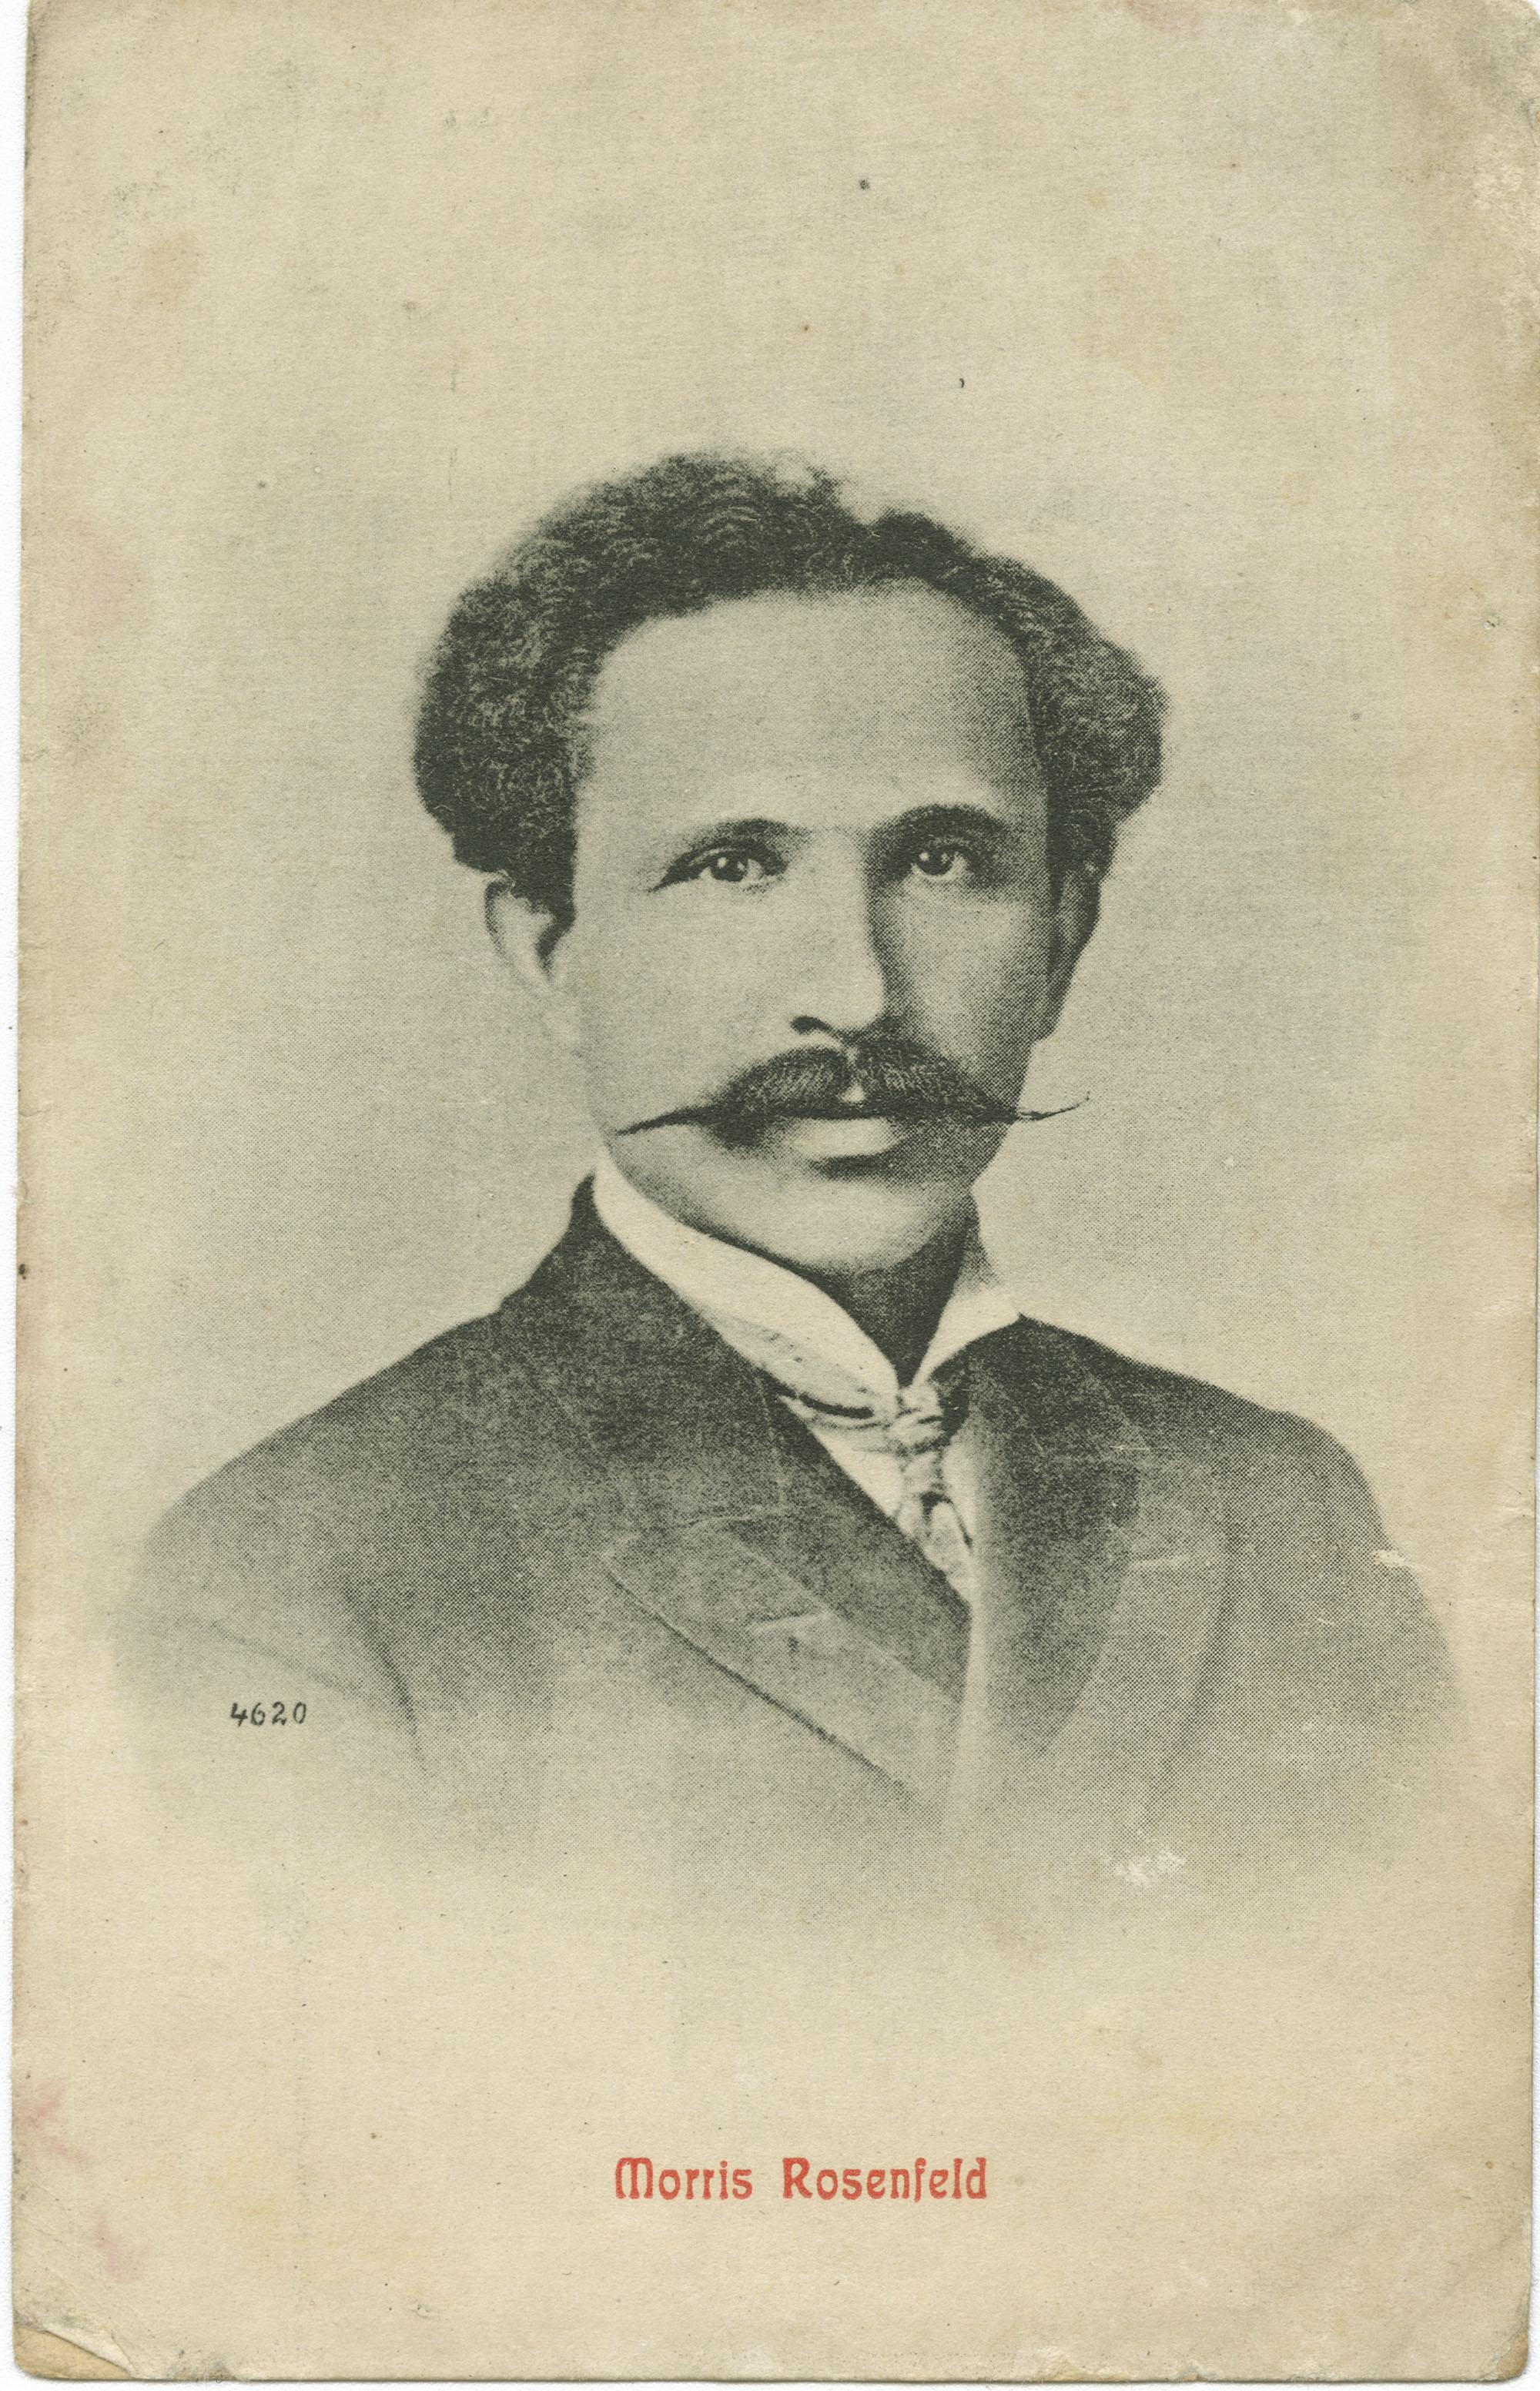 Morris Rosenfeld